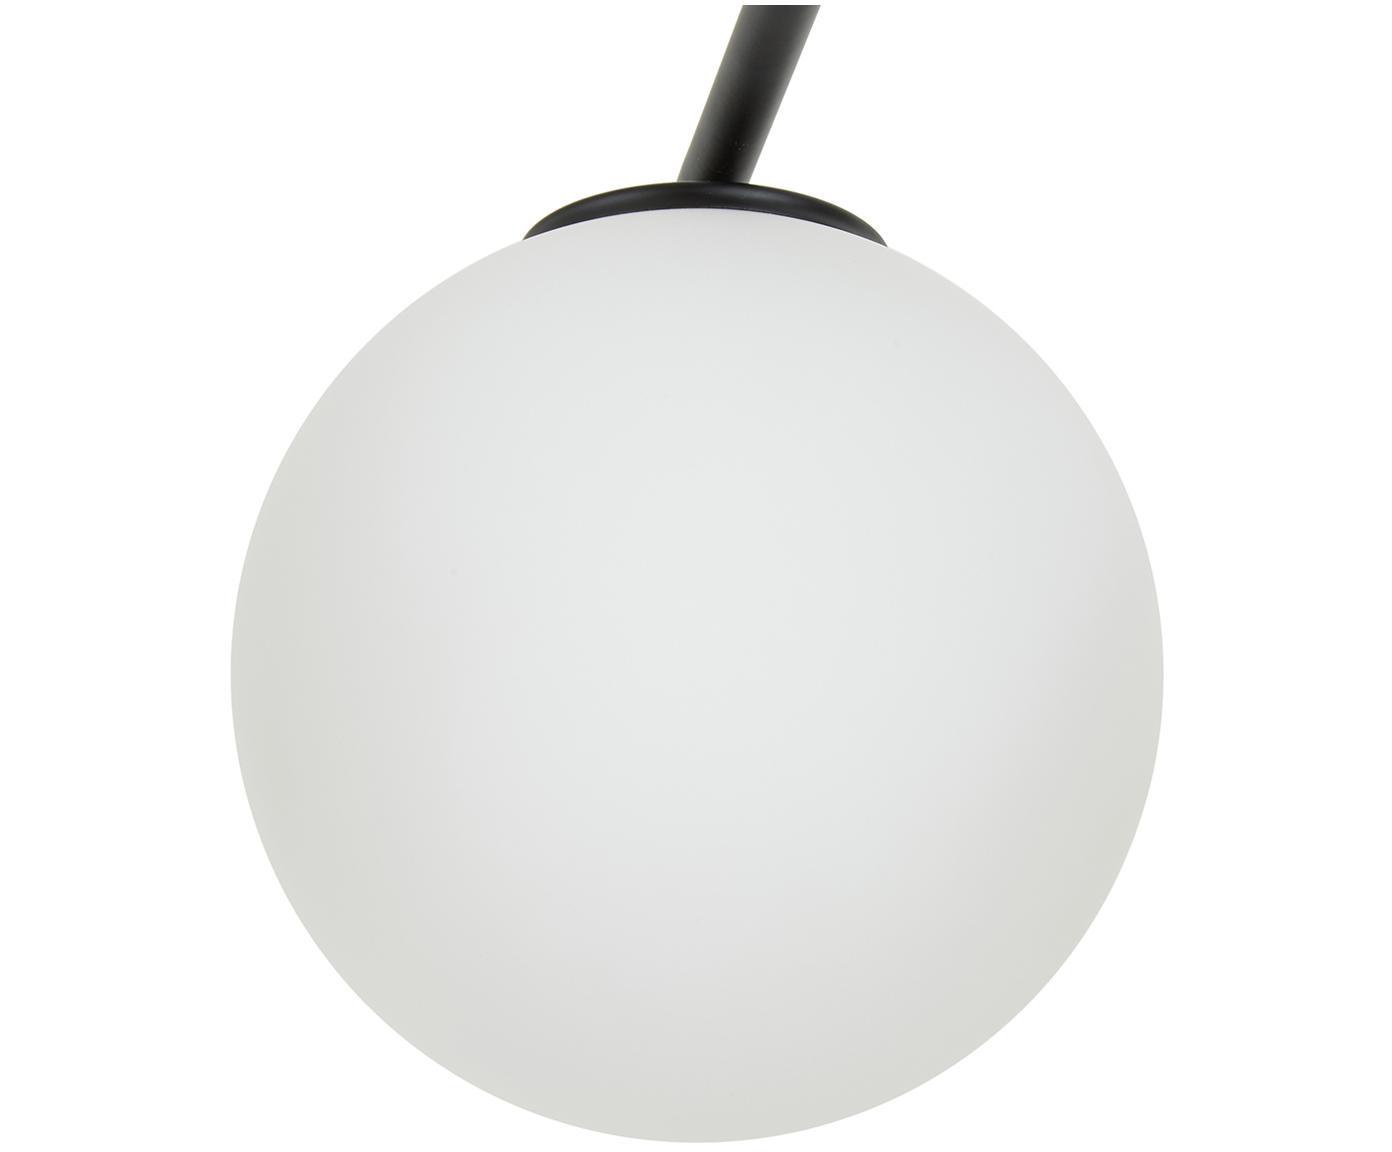 Lampa sufitowa z regulacją wysokości Atlanta, Czarny, S 65 x W 30 cm